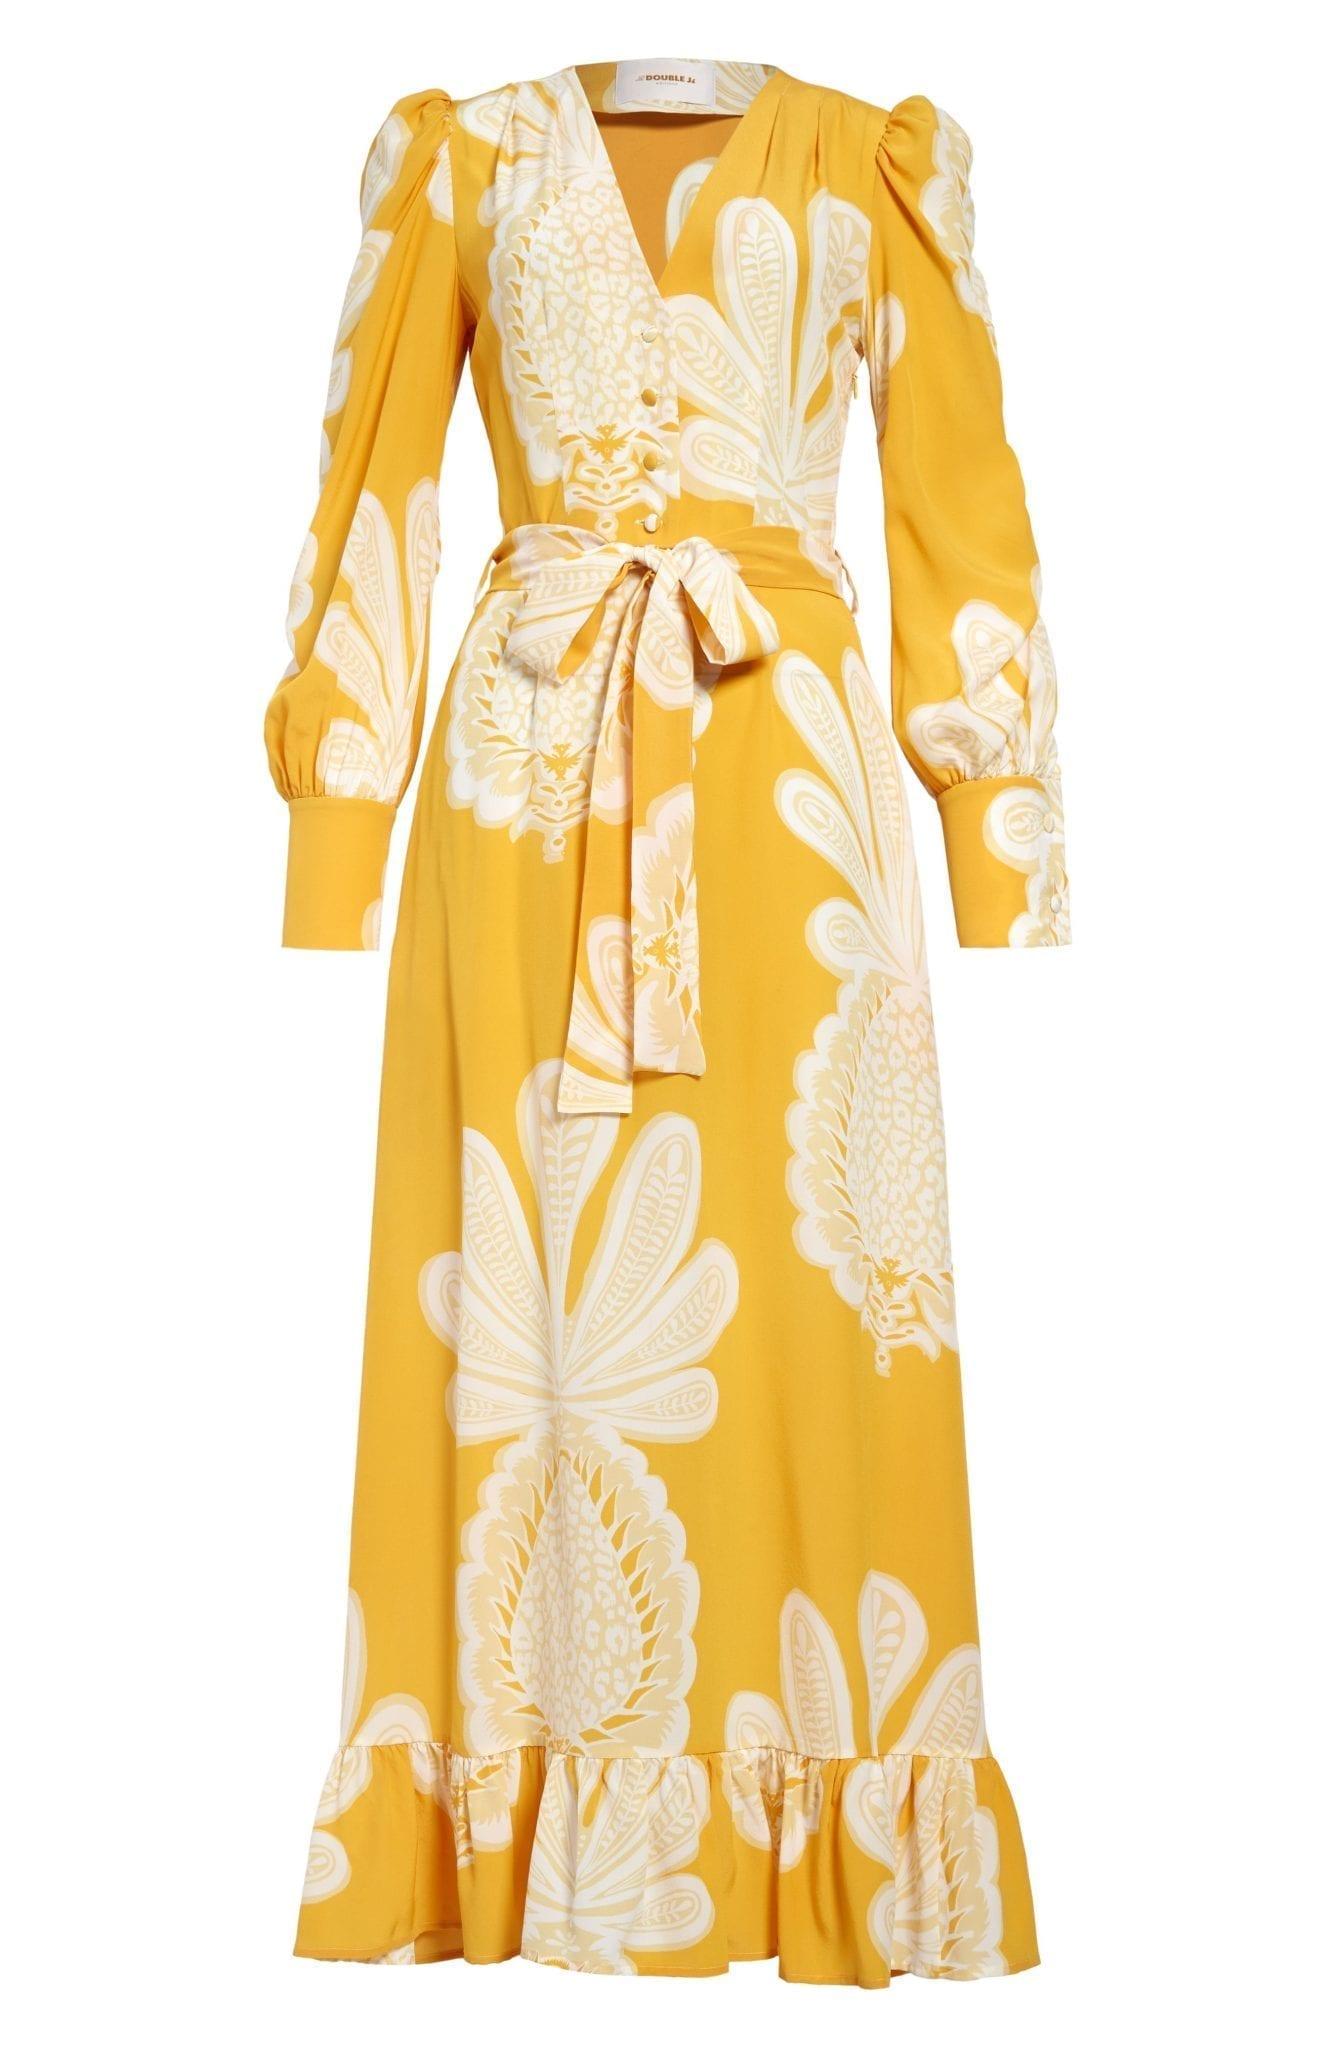 LA DOUBLEJ Super Smokin' Hot Long Sleeve Silk Dress